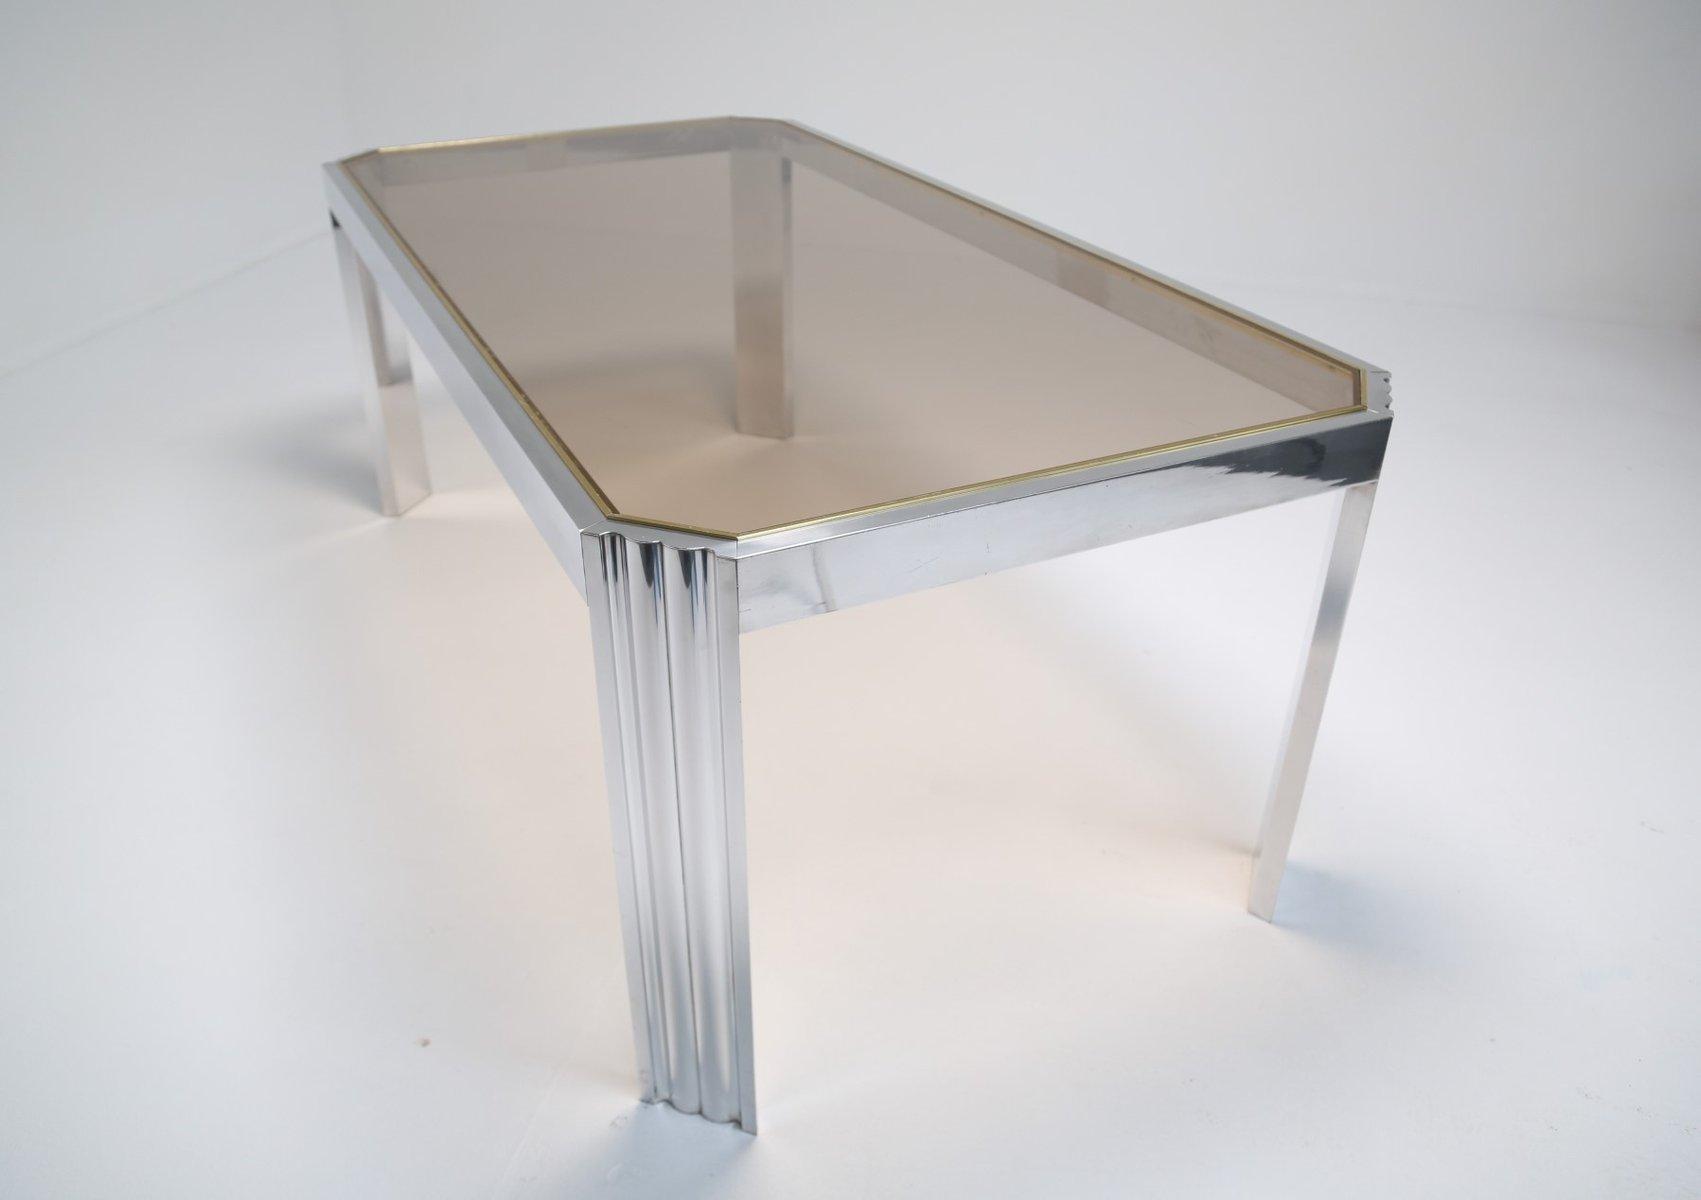 table de salle manger en aluminium et verre fum 1970s en vente sur pamono. Black Bedroom Furniture Sets. Home Design Ideas